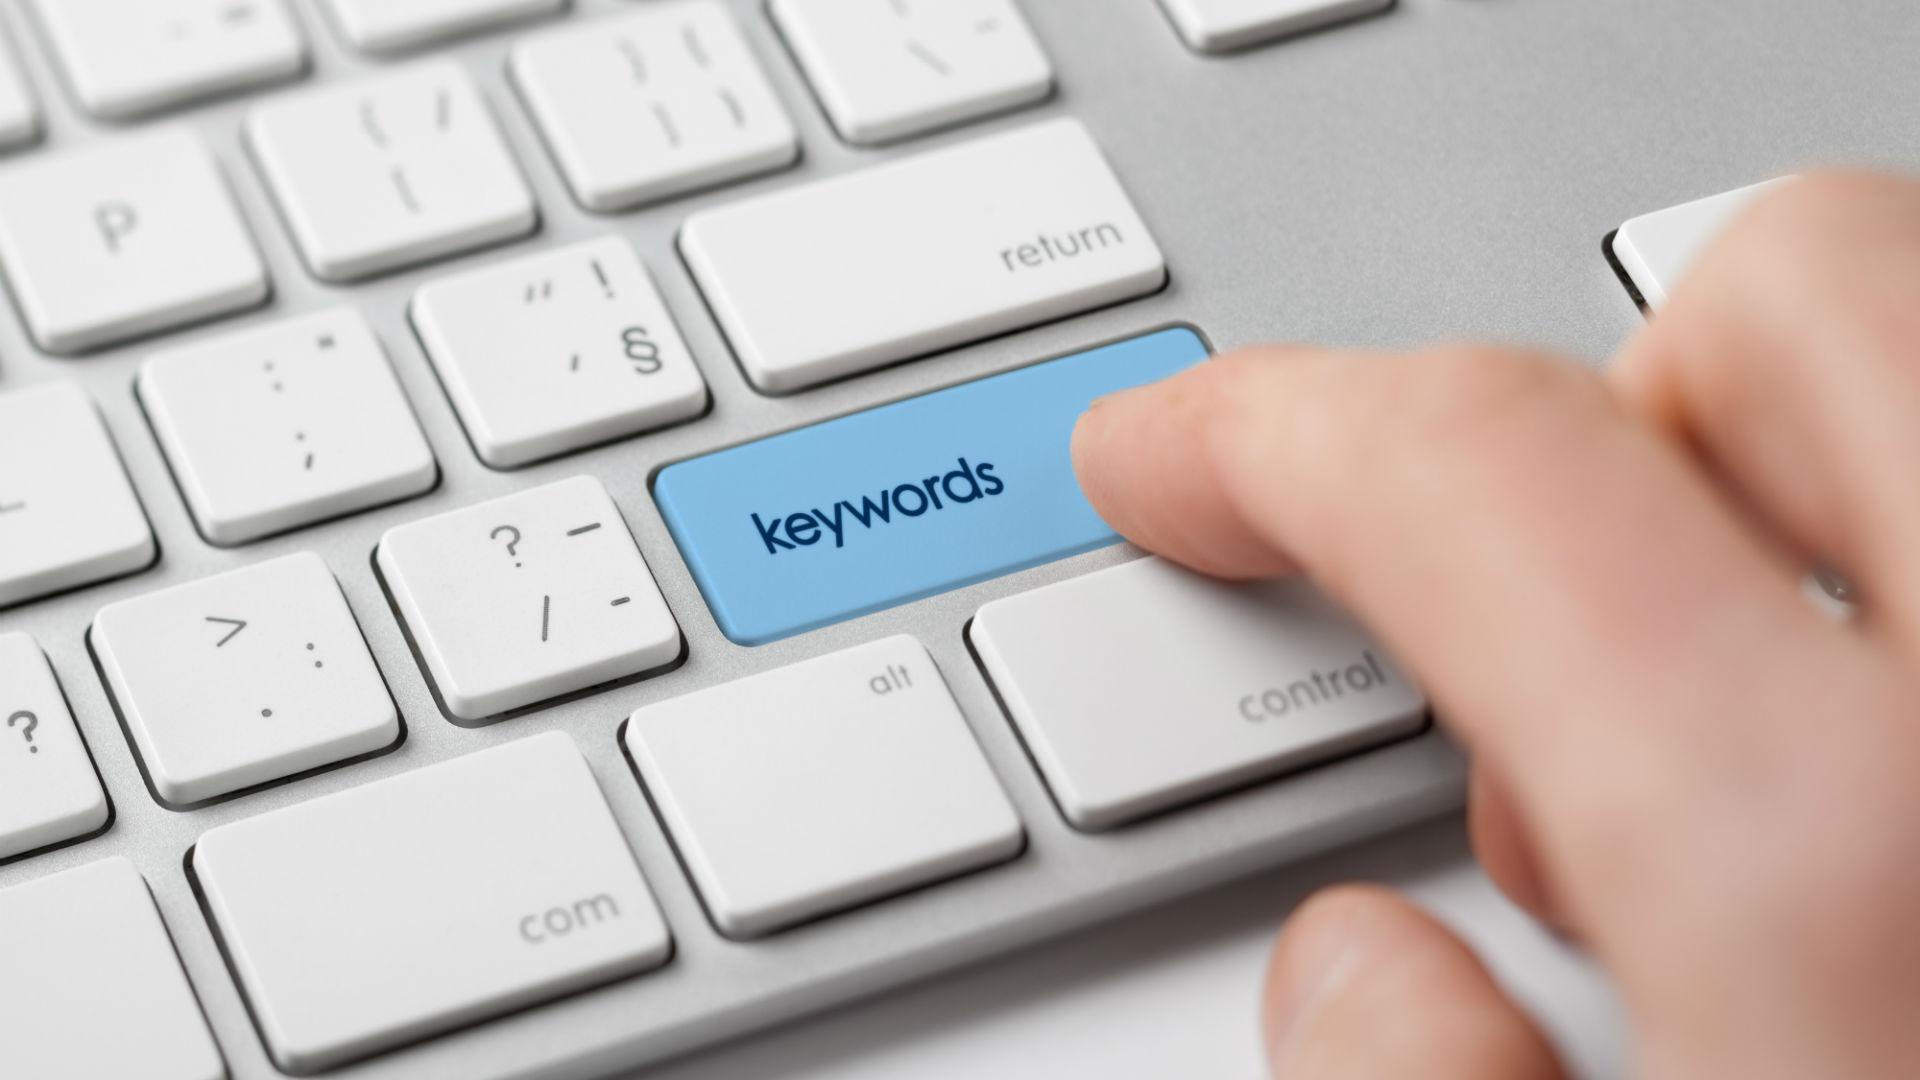 7 loại từ khóa giúp thúc đẩy chiến lược SEO: Công cụ lập kế hoạch từ khóa